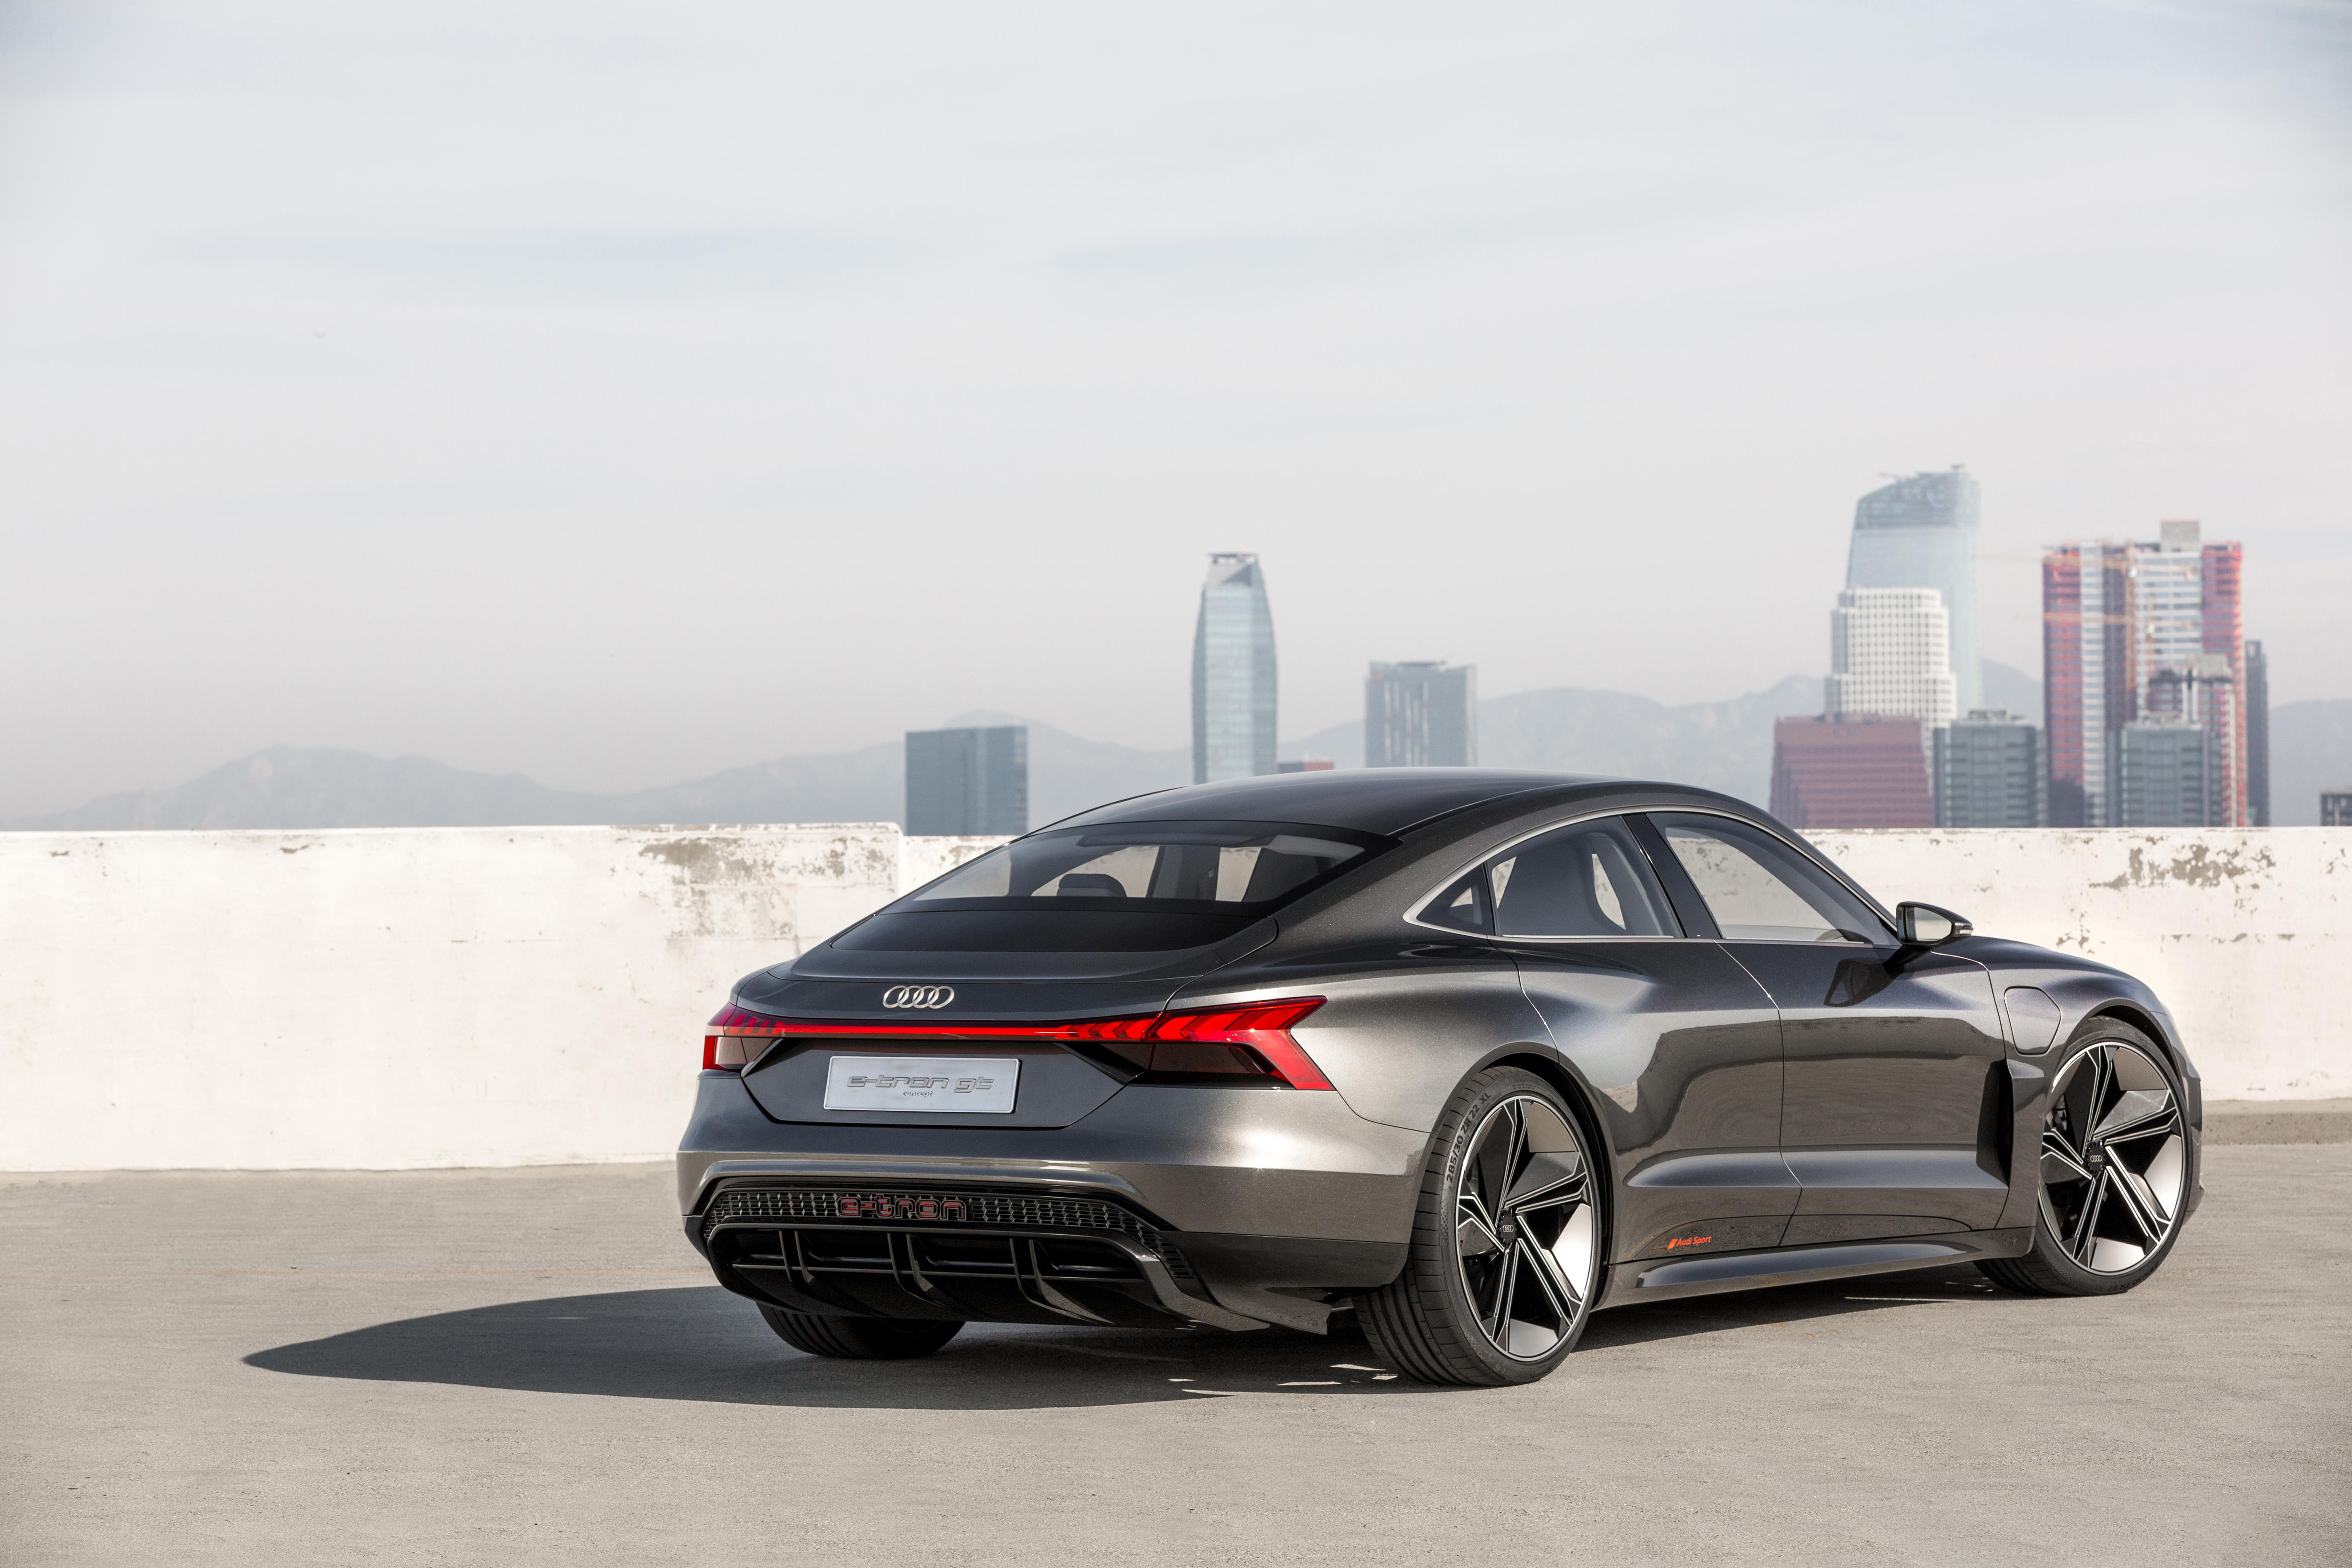 Large-Audi-e-tron-GT-concept-5130